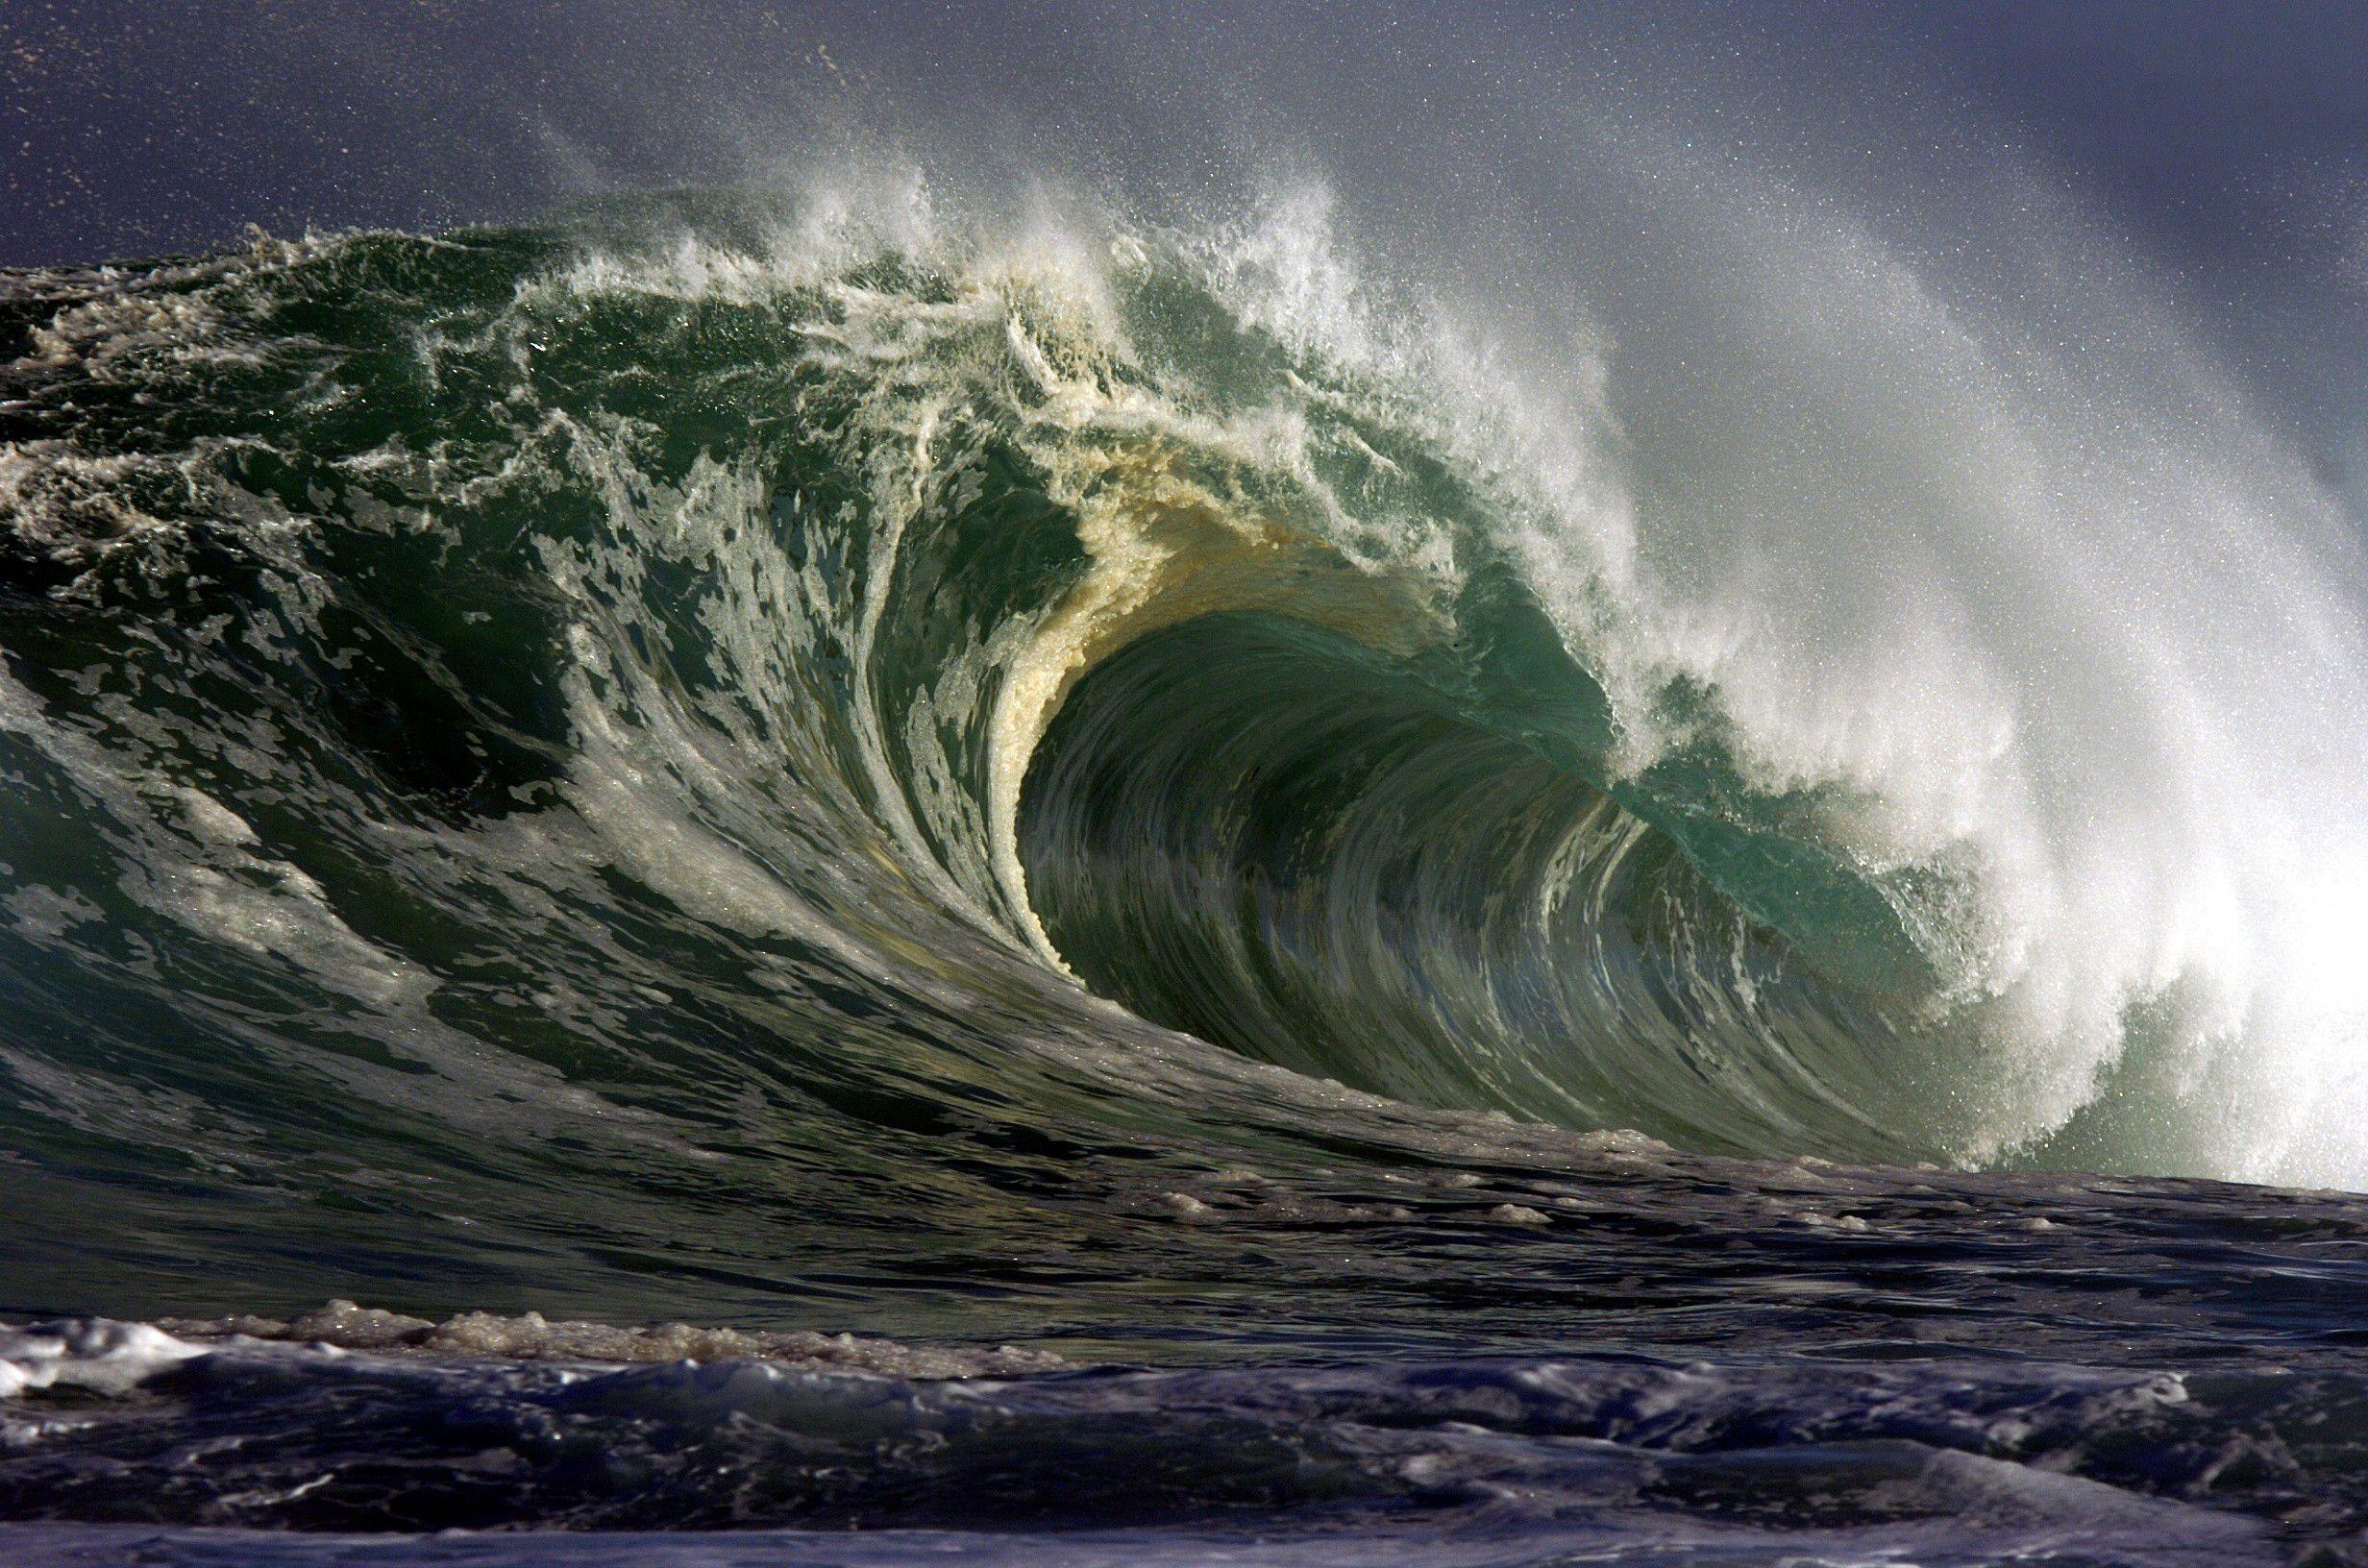 Frighten wave Ocean waves painting, Ocean waves, Giant waves